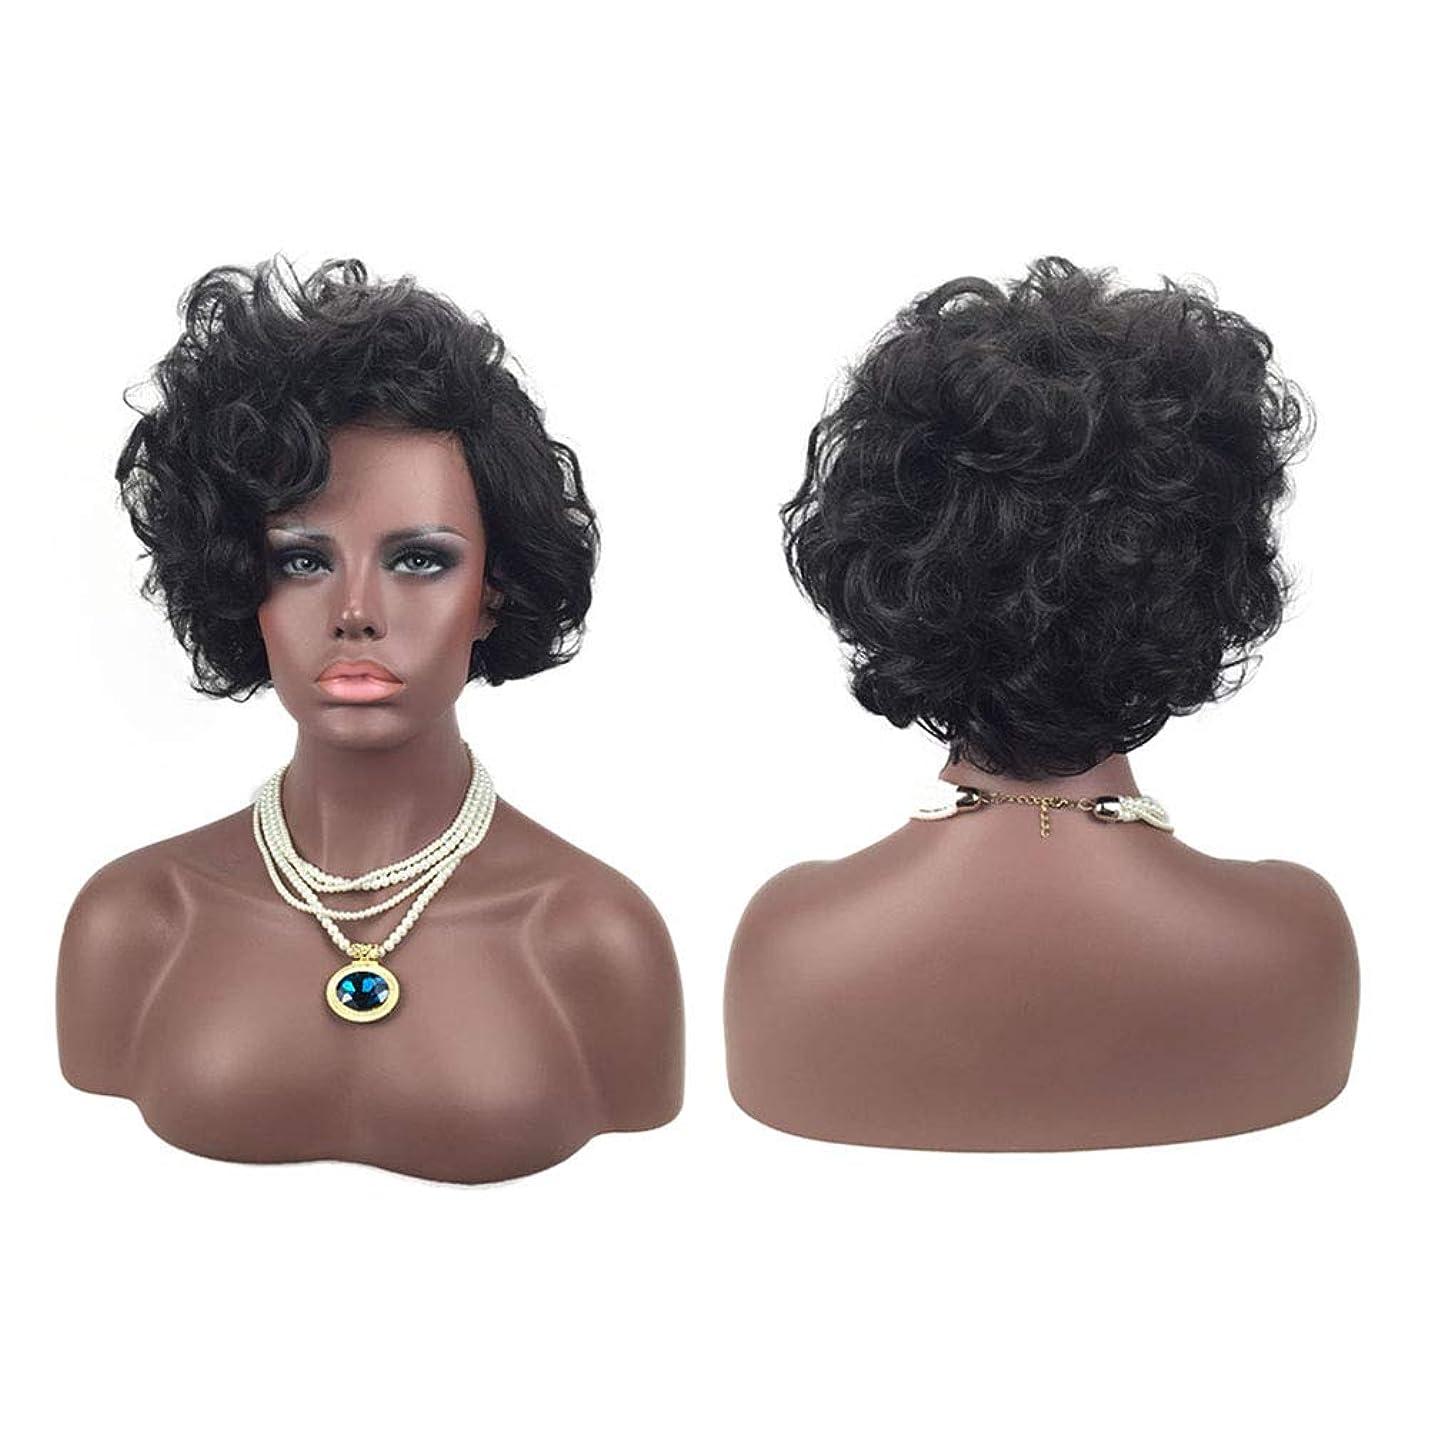 苗能力シャワーヨーロッパとアメリカの自然な絶妙な弾性ネットカーリーかつらカバーに適した女性の黒の短い髪のかつら